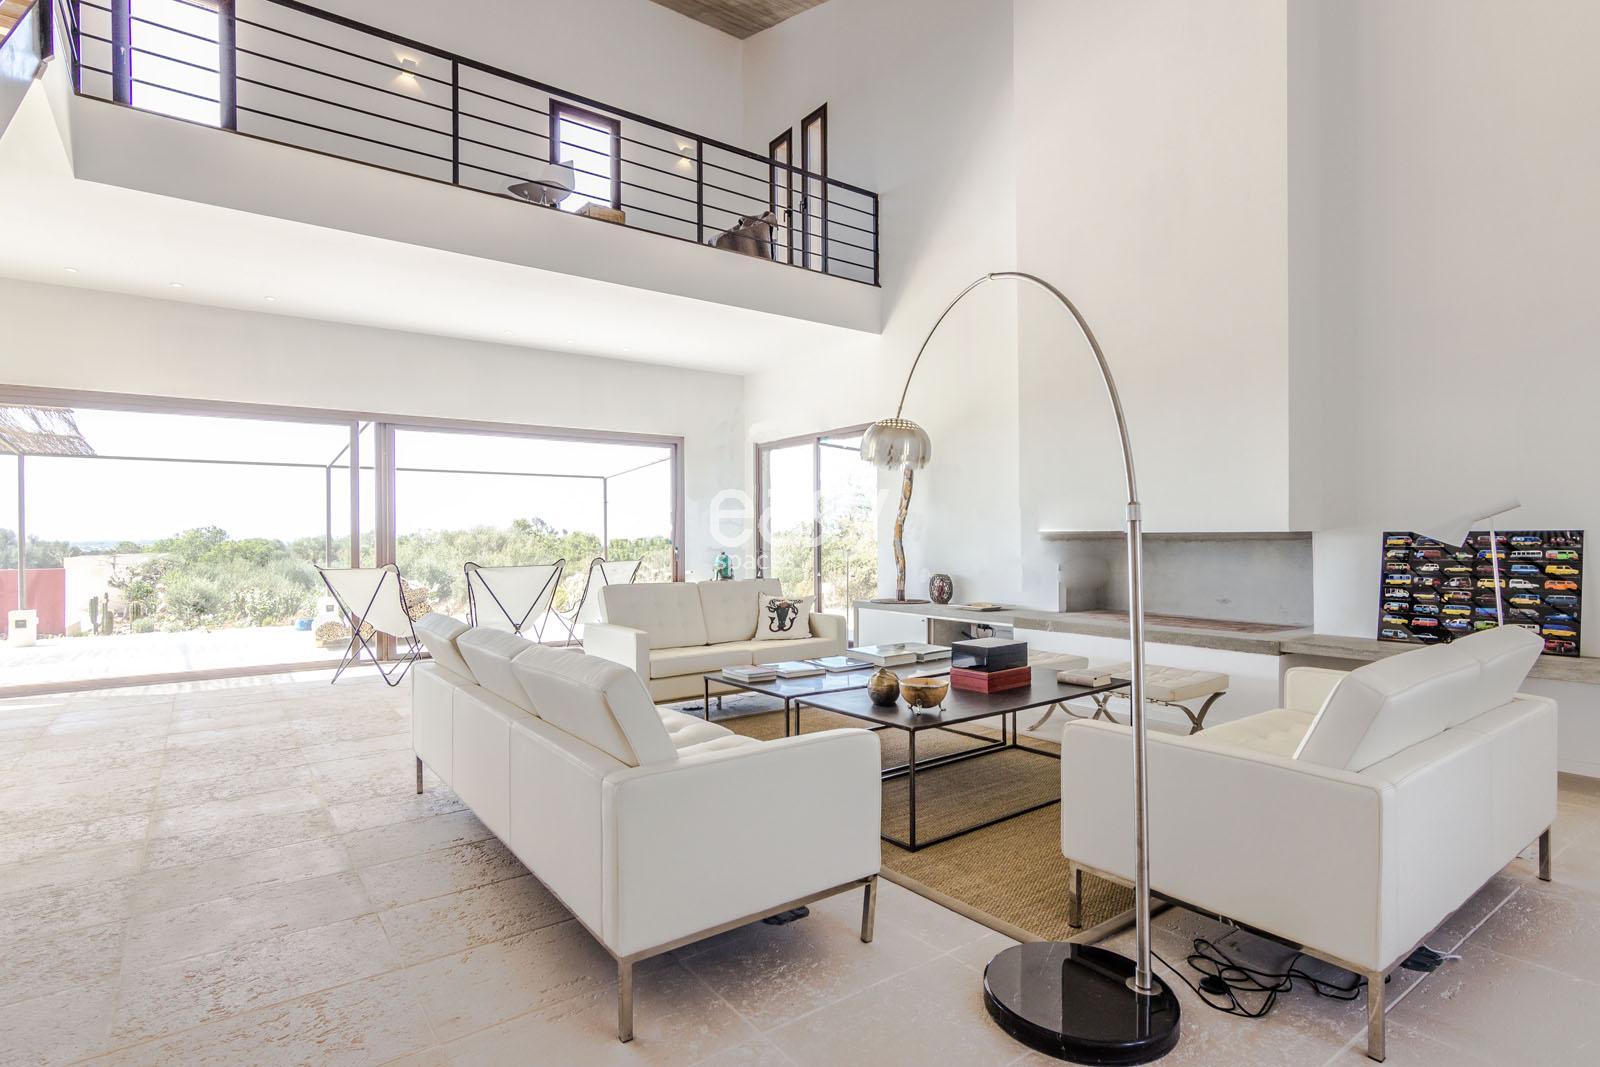 Louer une maison moderne avec piscine pour prises de vues - Louer sa maison pour des tournages ...